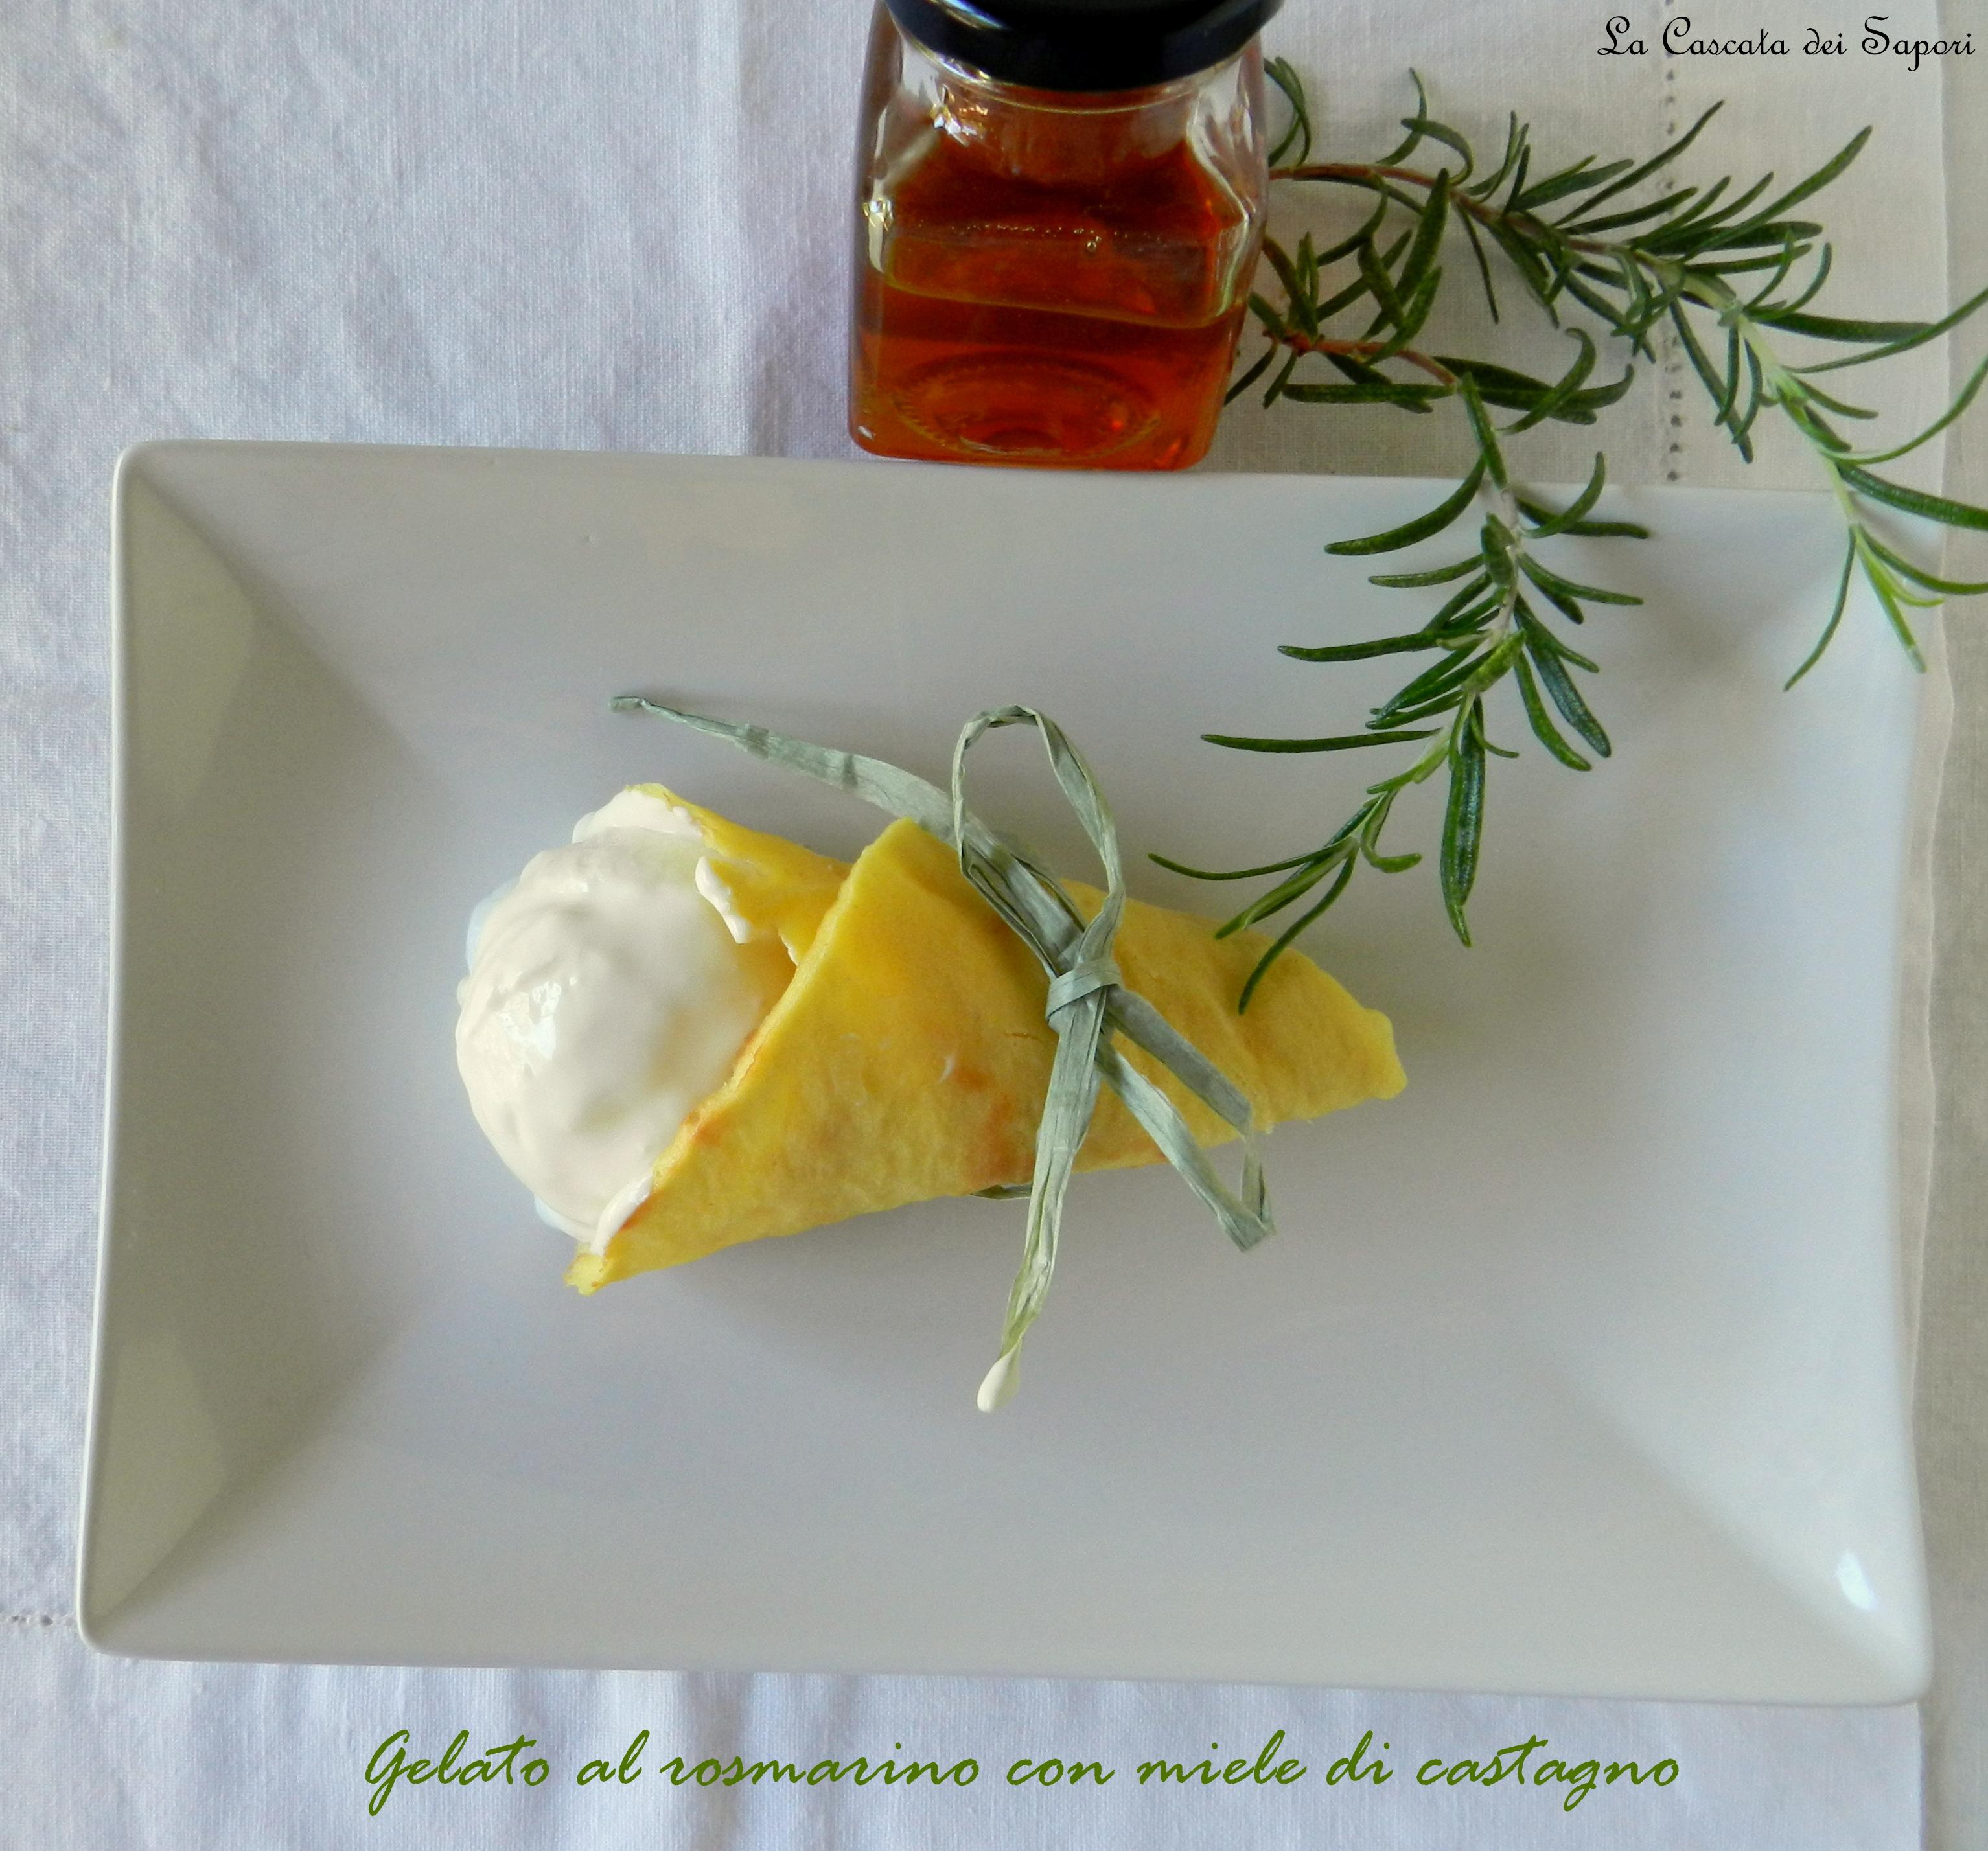 gelato al rosmarino con miele di castagno